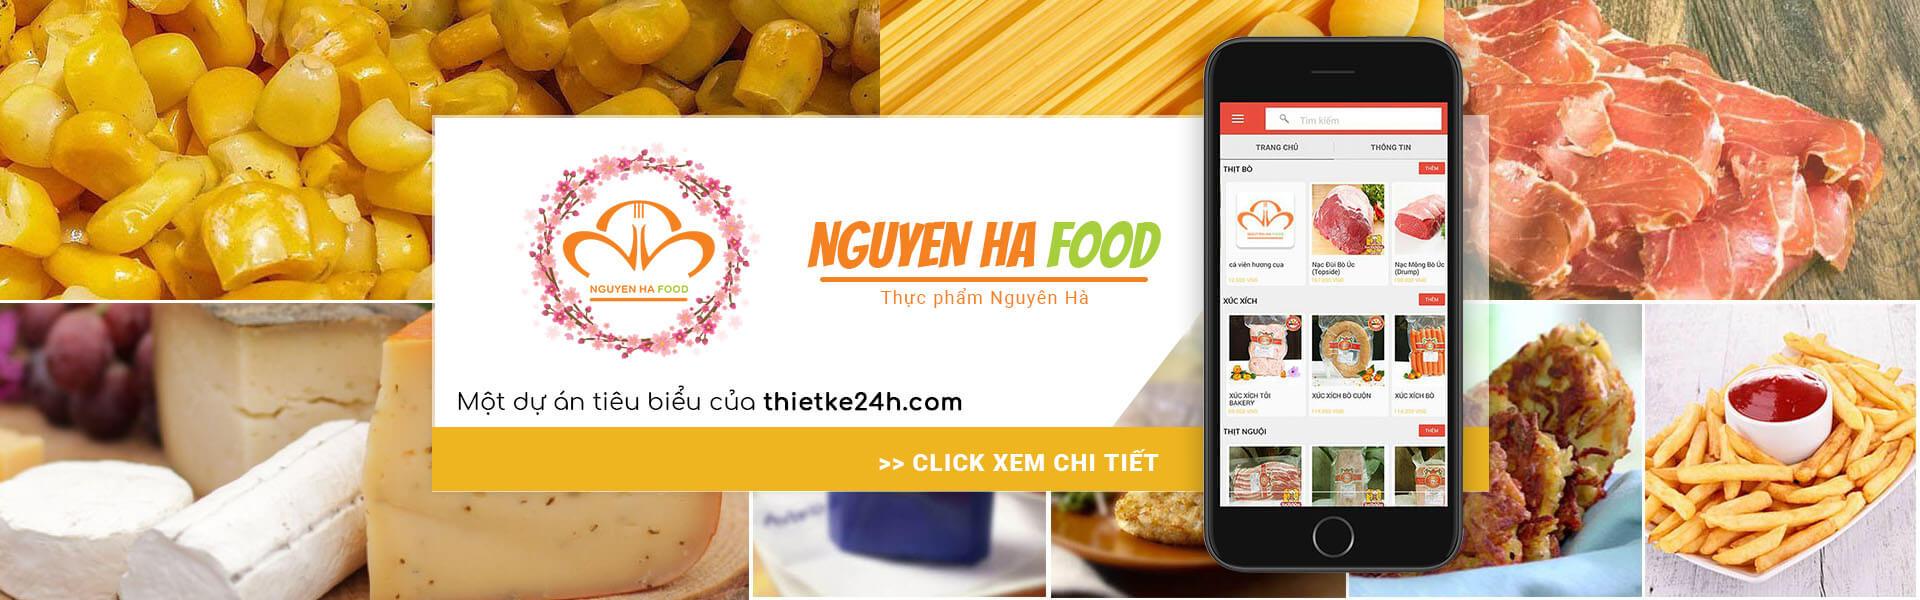 Nguyen Ha Food